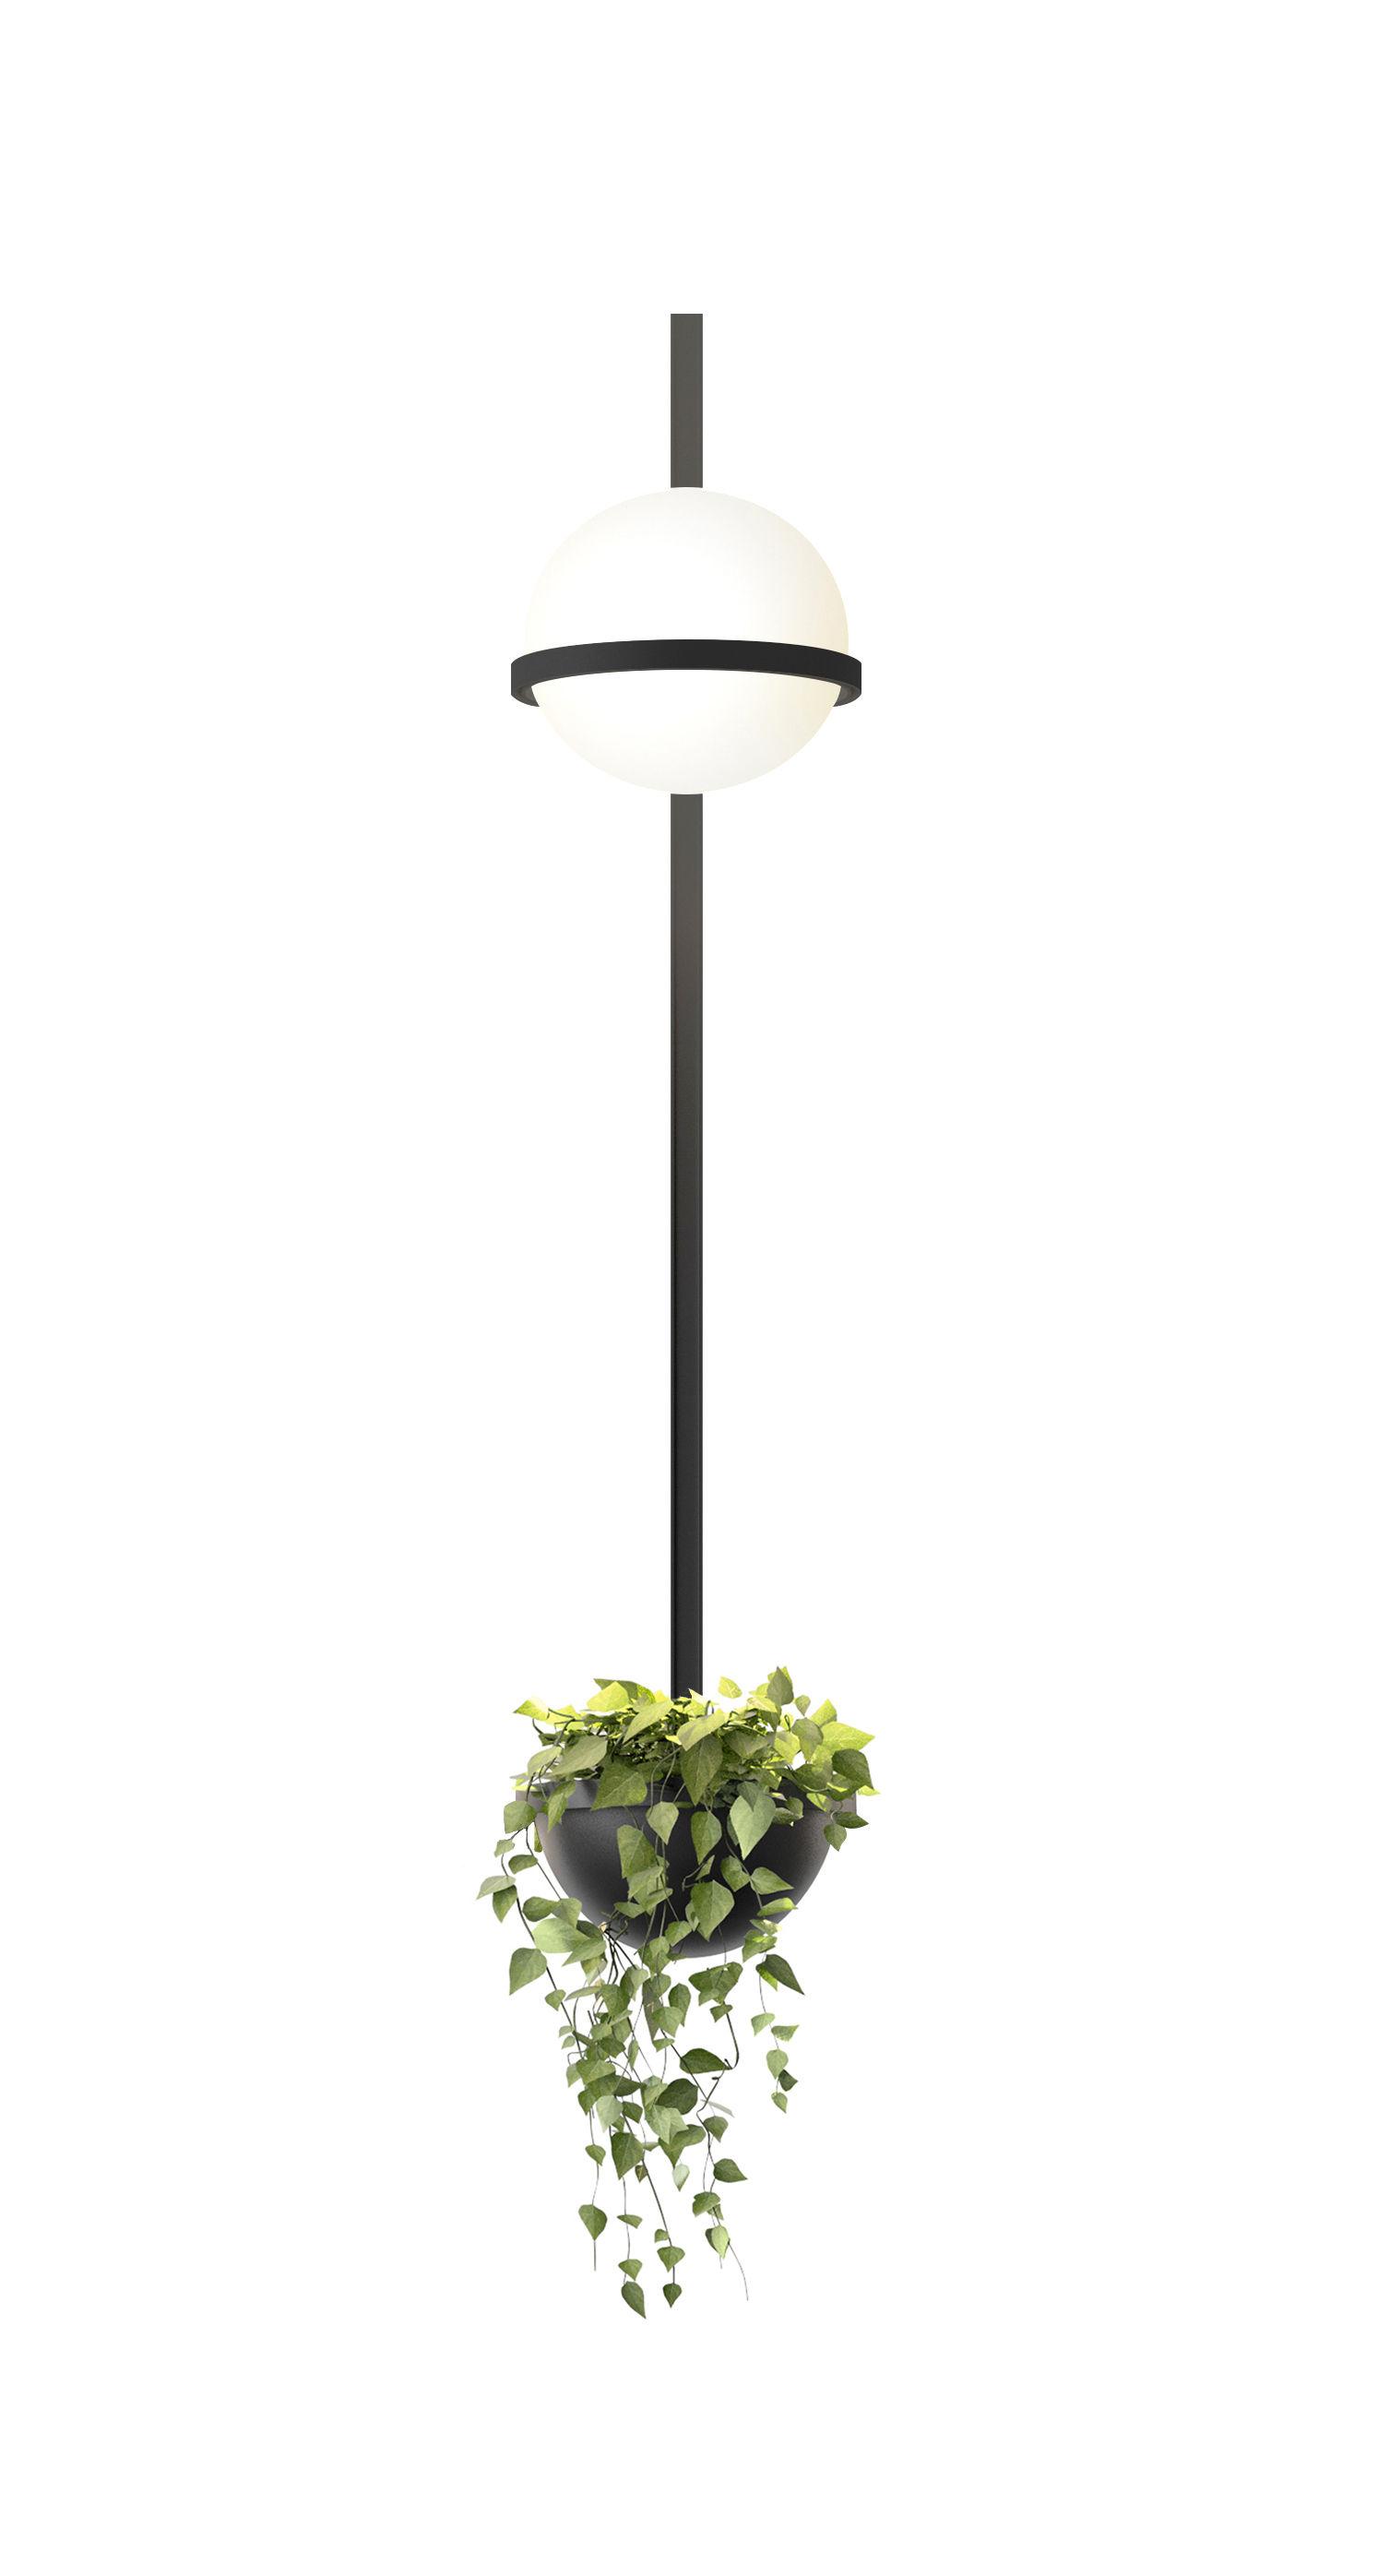 Luminaire - Appliques - Applique Palma / Verticale & jardinière - Vibia - Laqué graphite mat - Aluminium, PMMA, Verre soufflé opalin